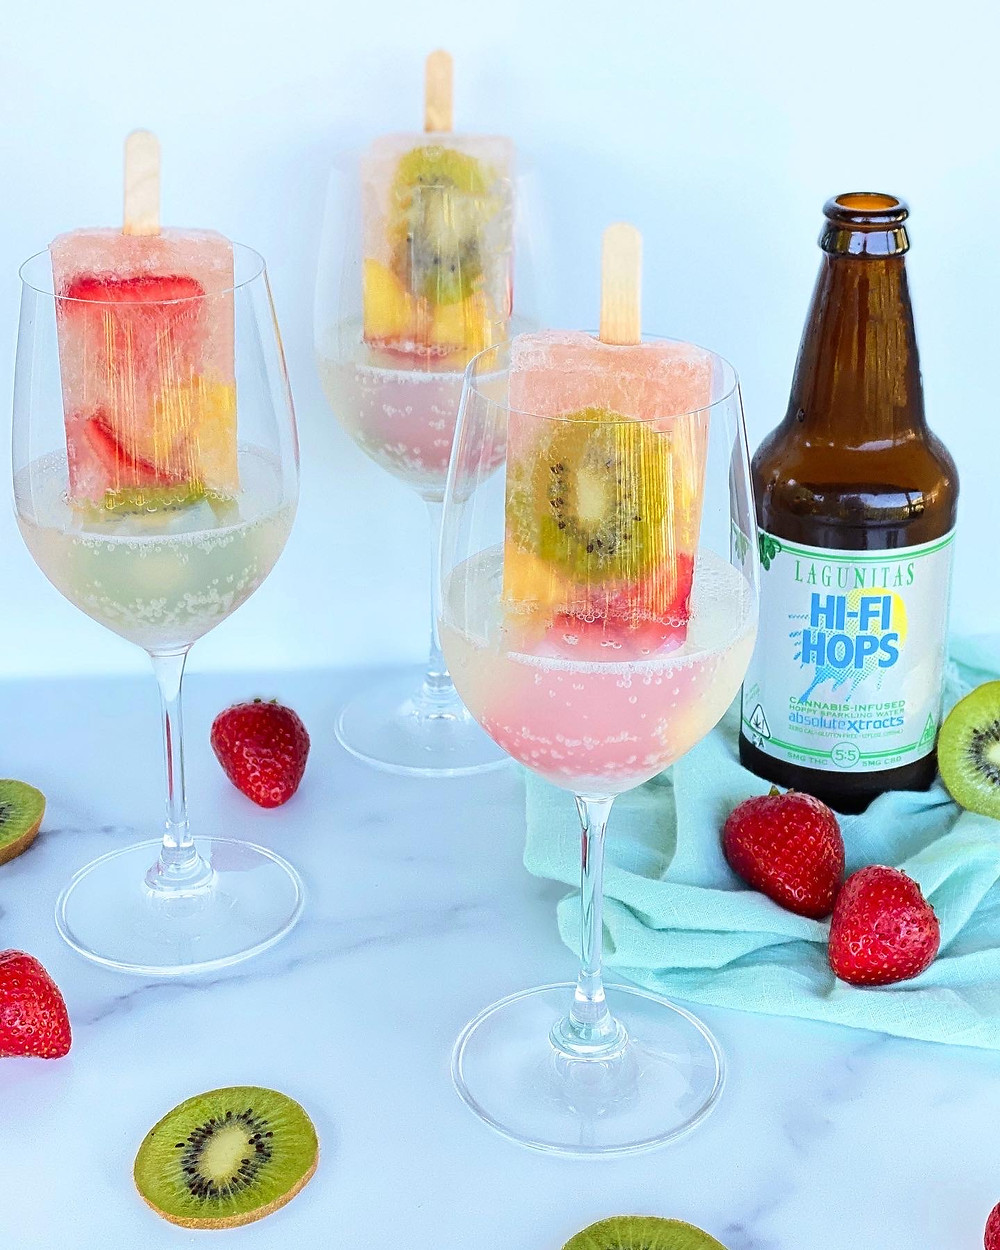 The Herb Somm's Hi-Fi Hops Summer Popsicles